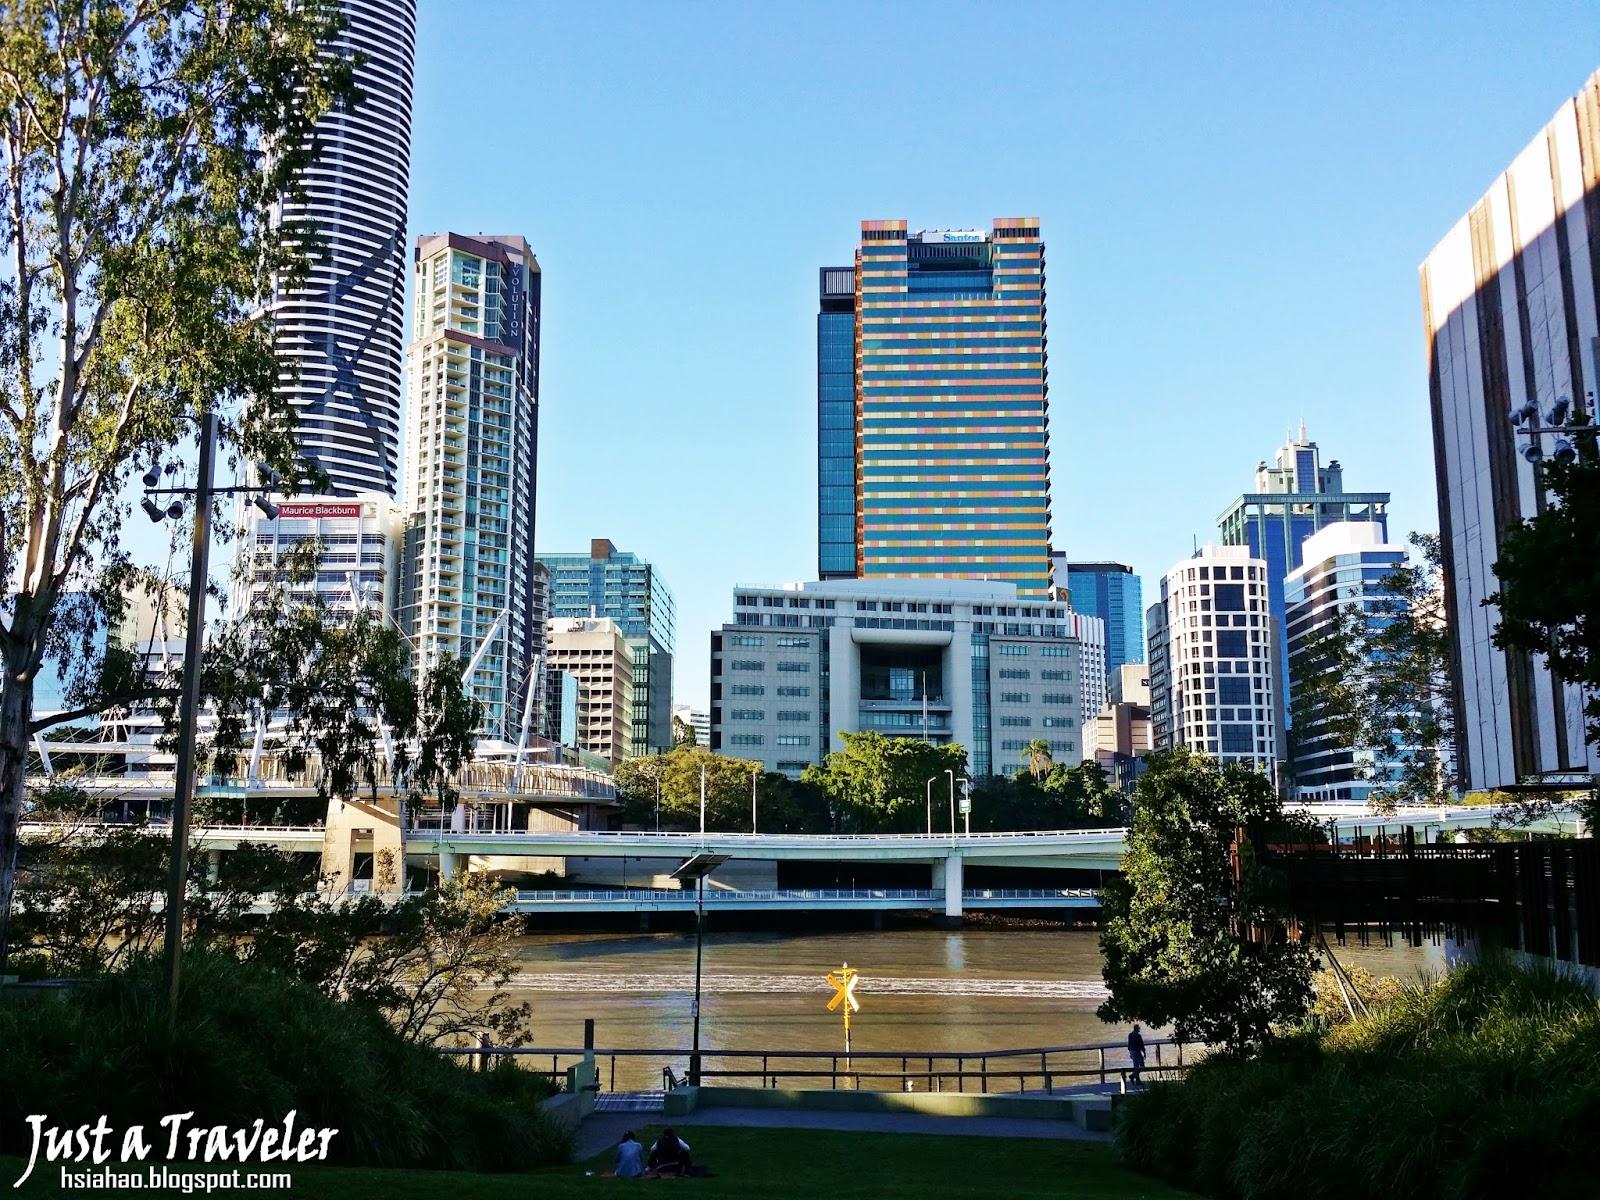 布里斯本-文化中心-Cultural-Centre-市區-美術館-博物館-藝術館-親子-景點-Brisbane